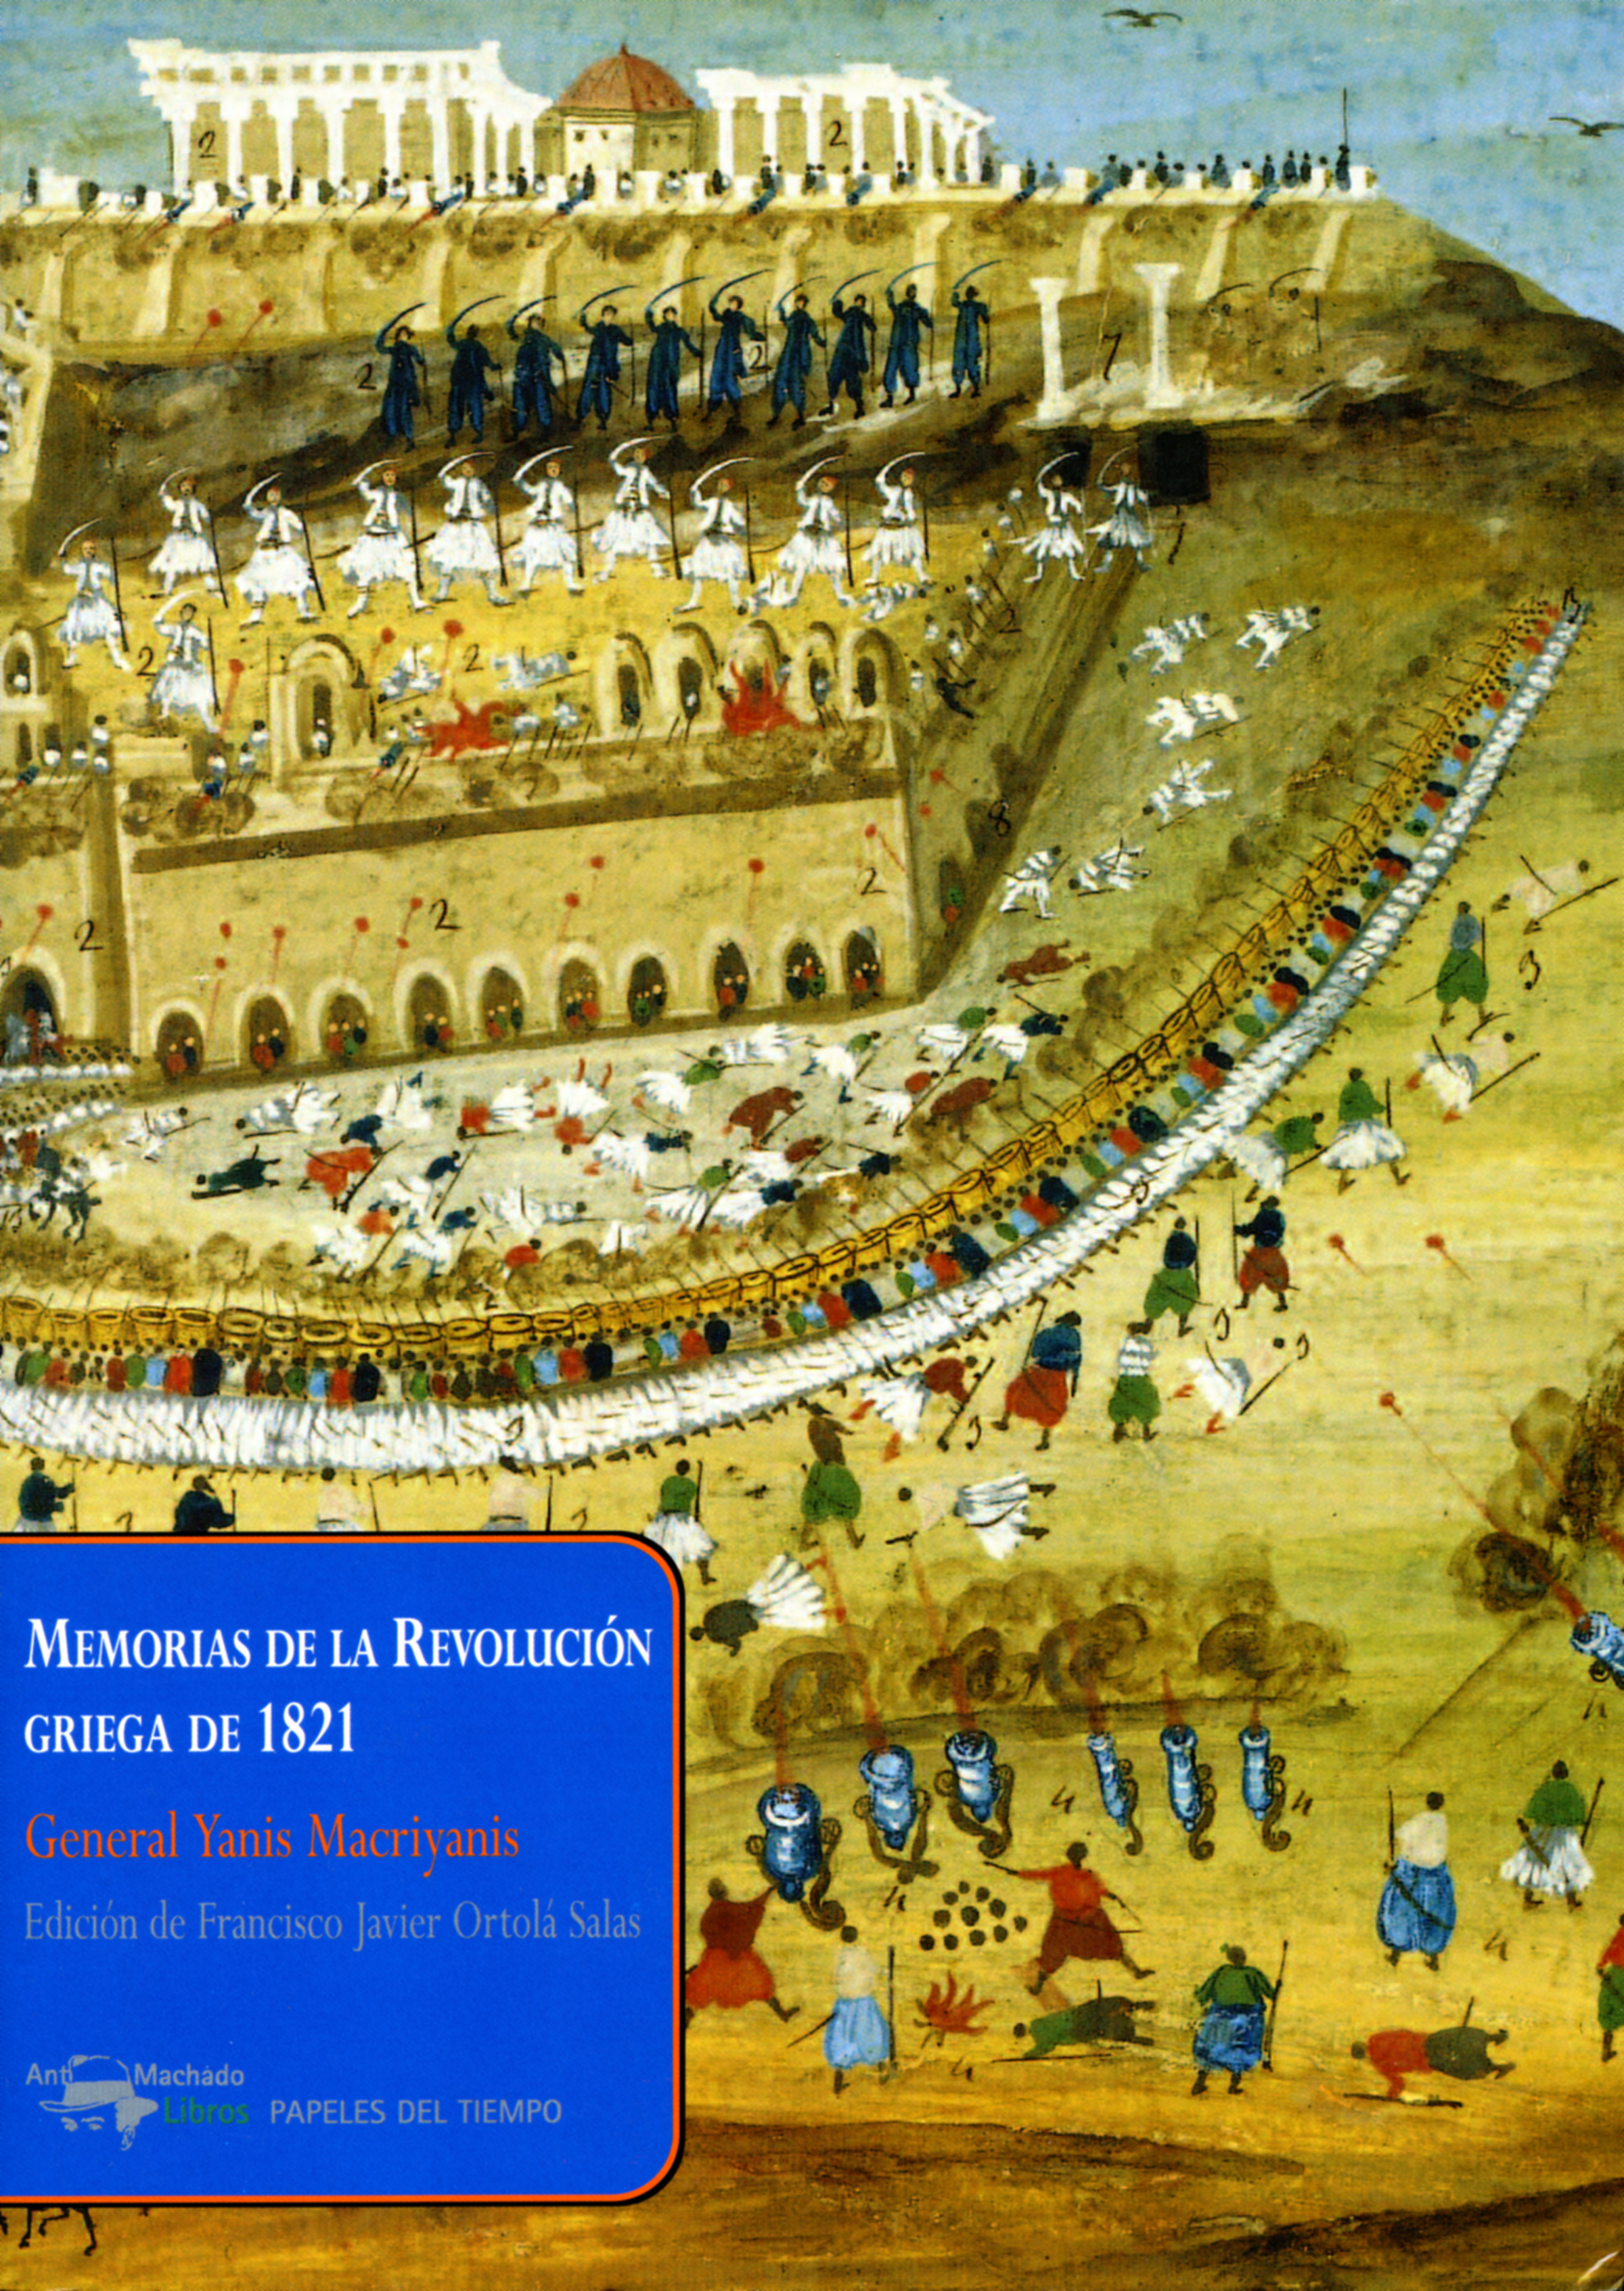 General Yanis Macriyanis Memorias de la Revolución griega de 1821 general yanis macriyanis memorias de la revolución griega de 1821